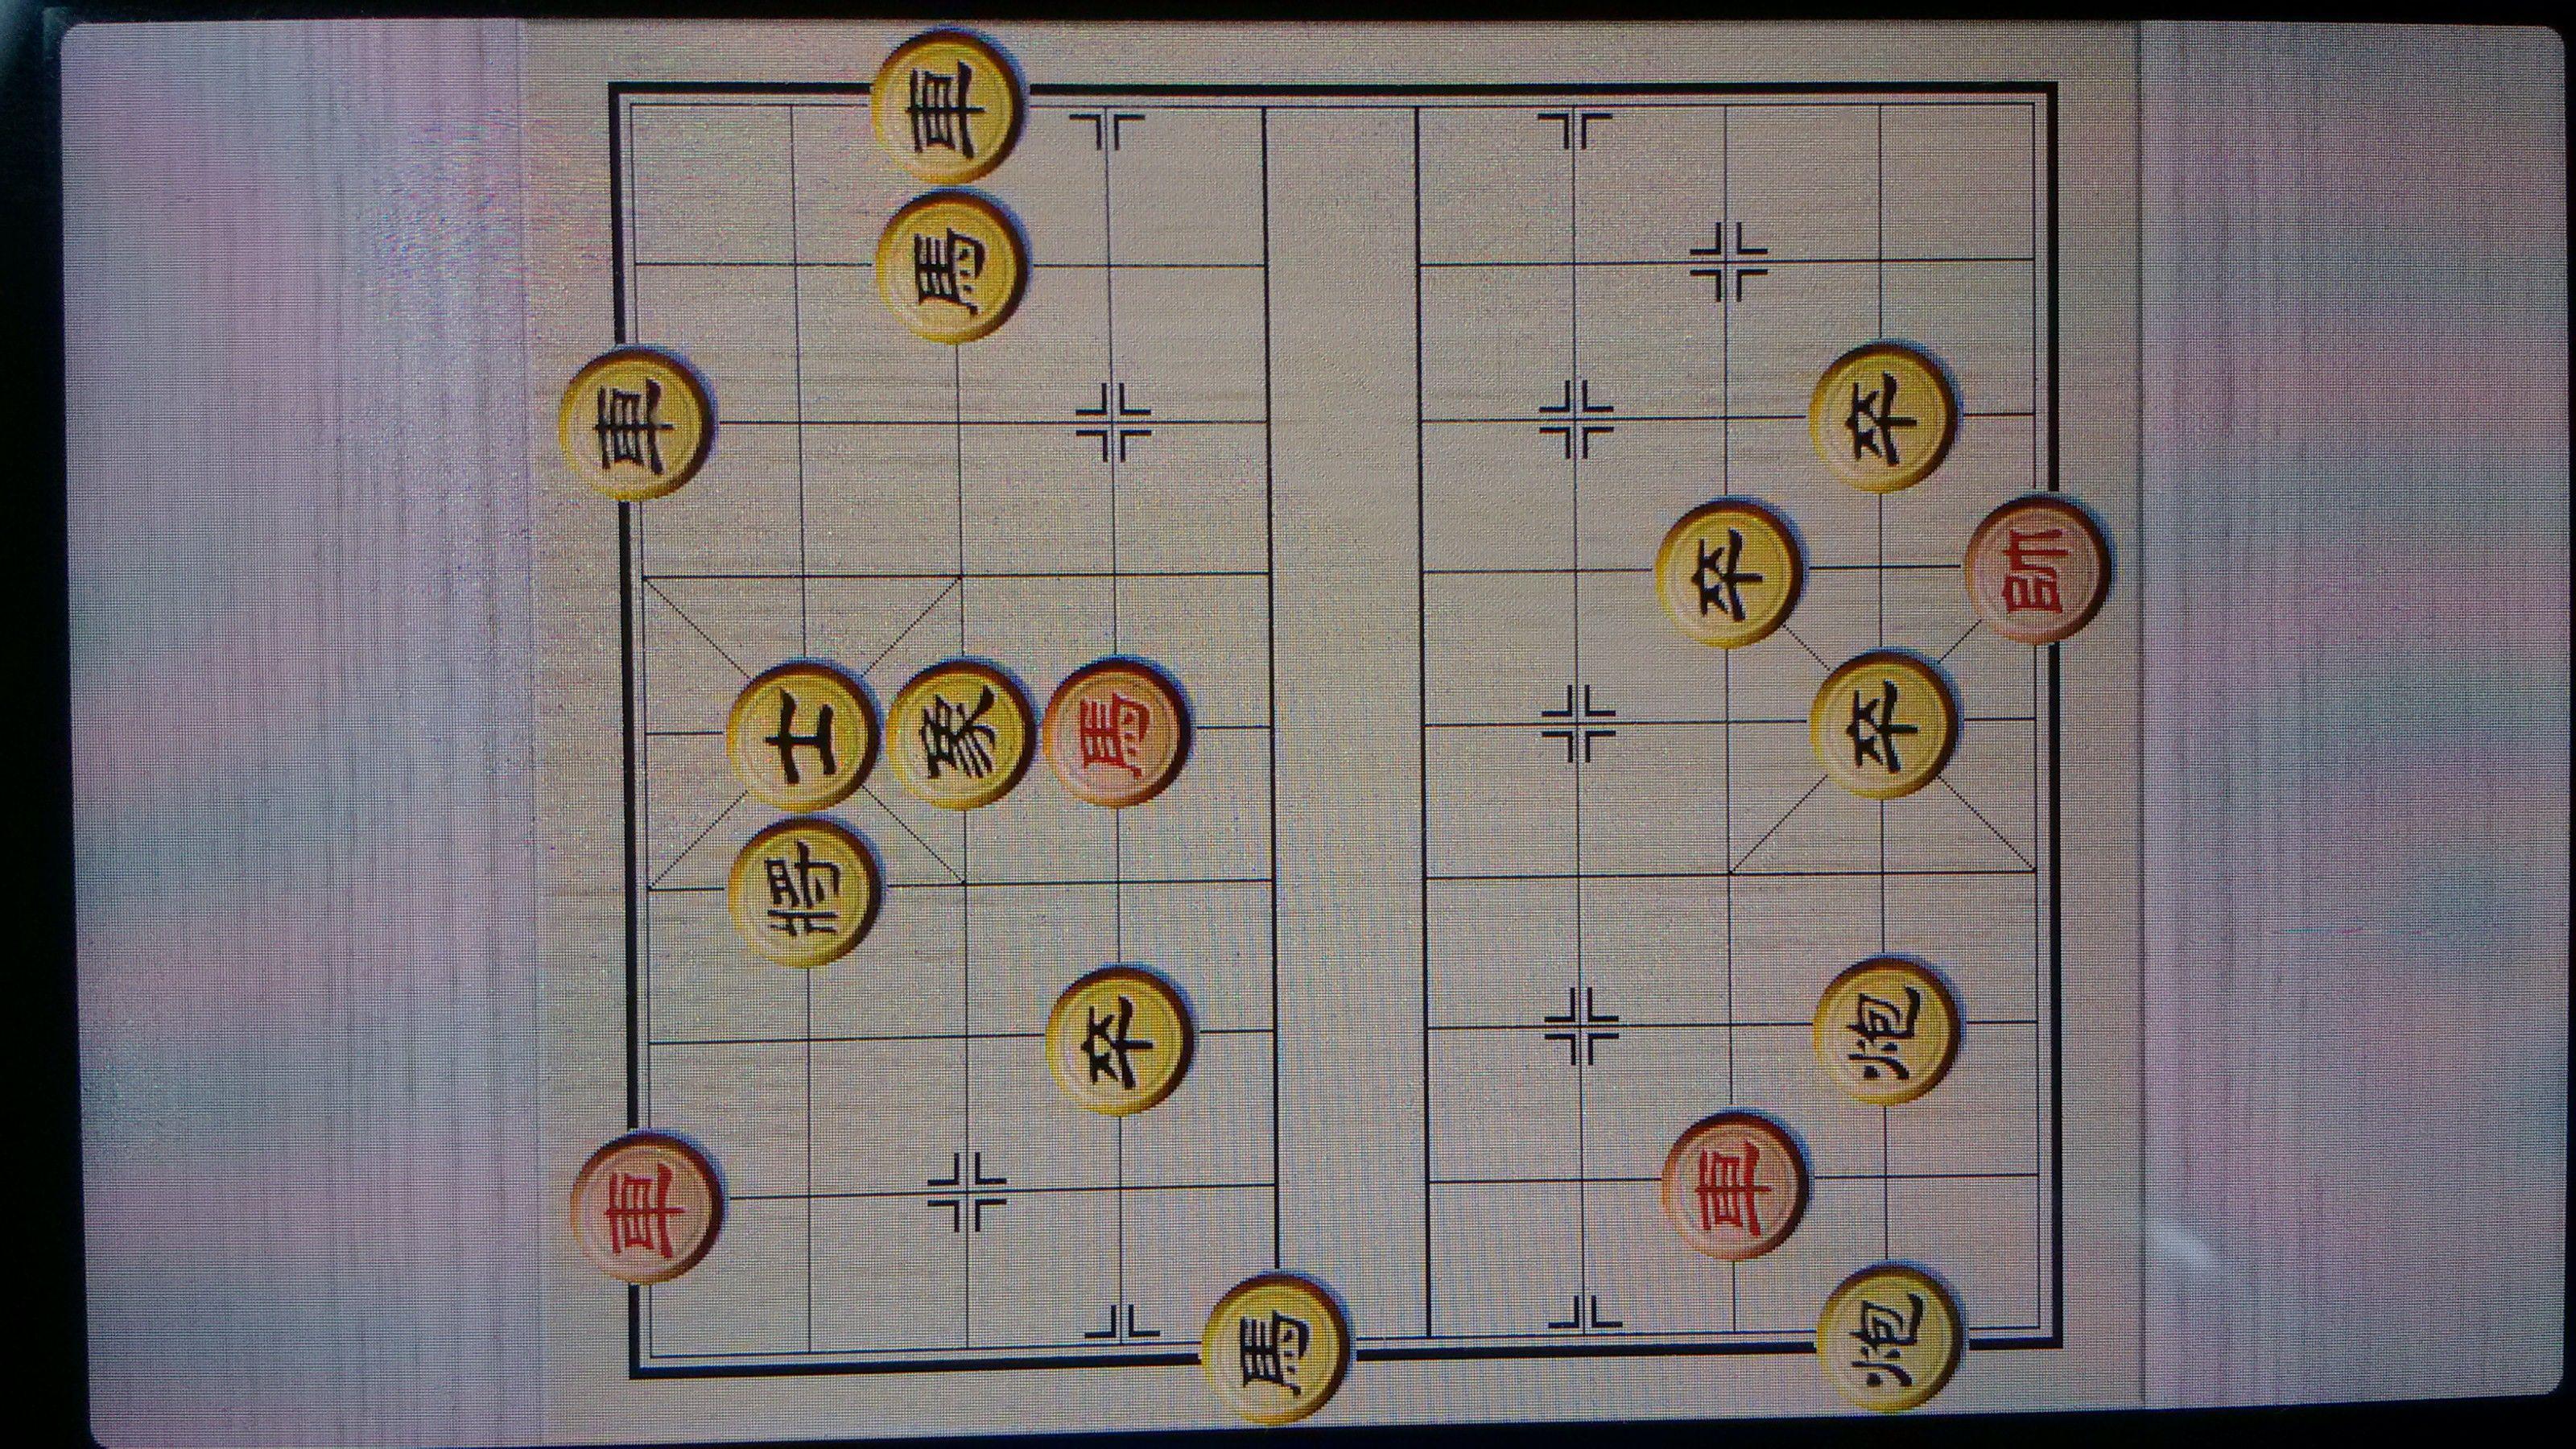 象棋巫师2501一3000关图片